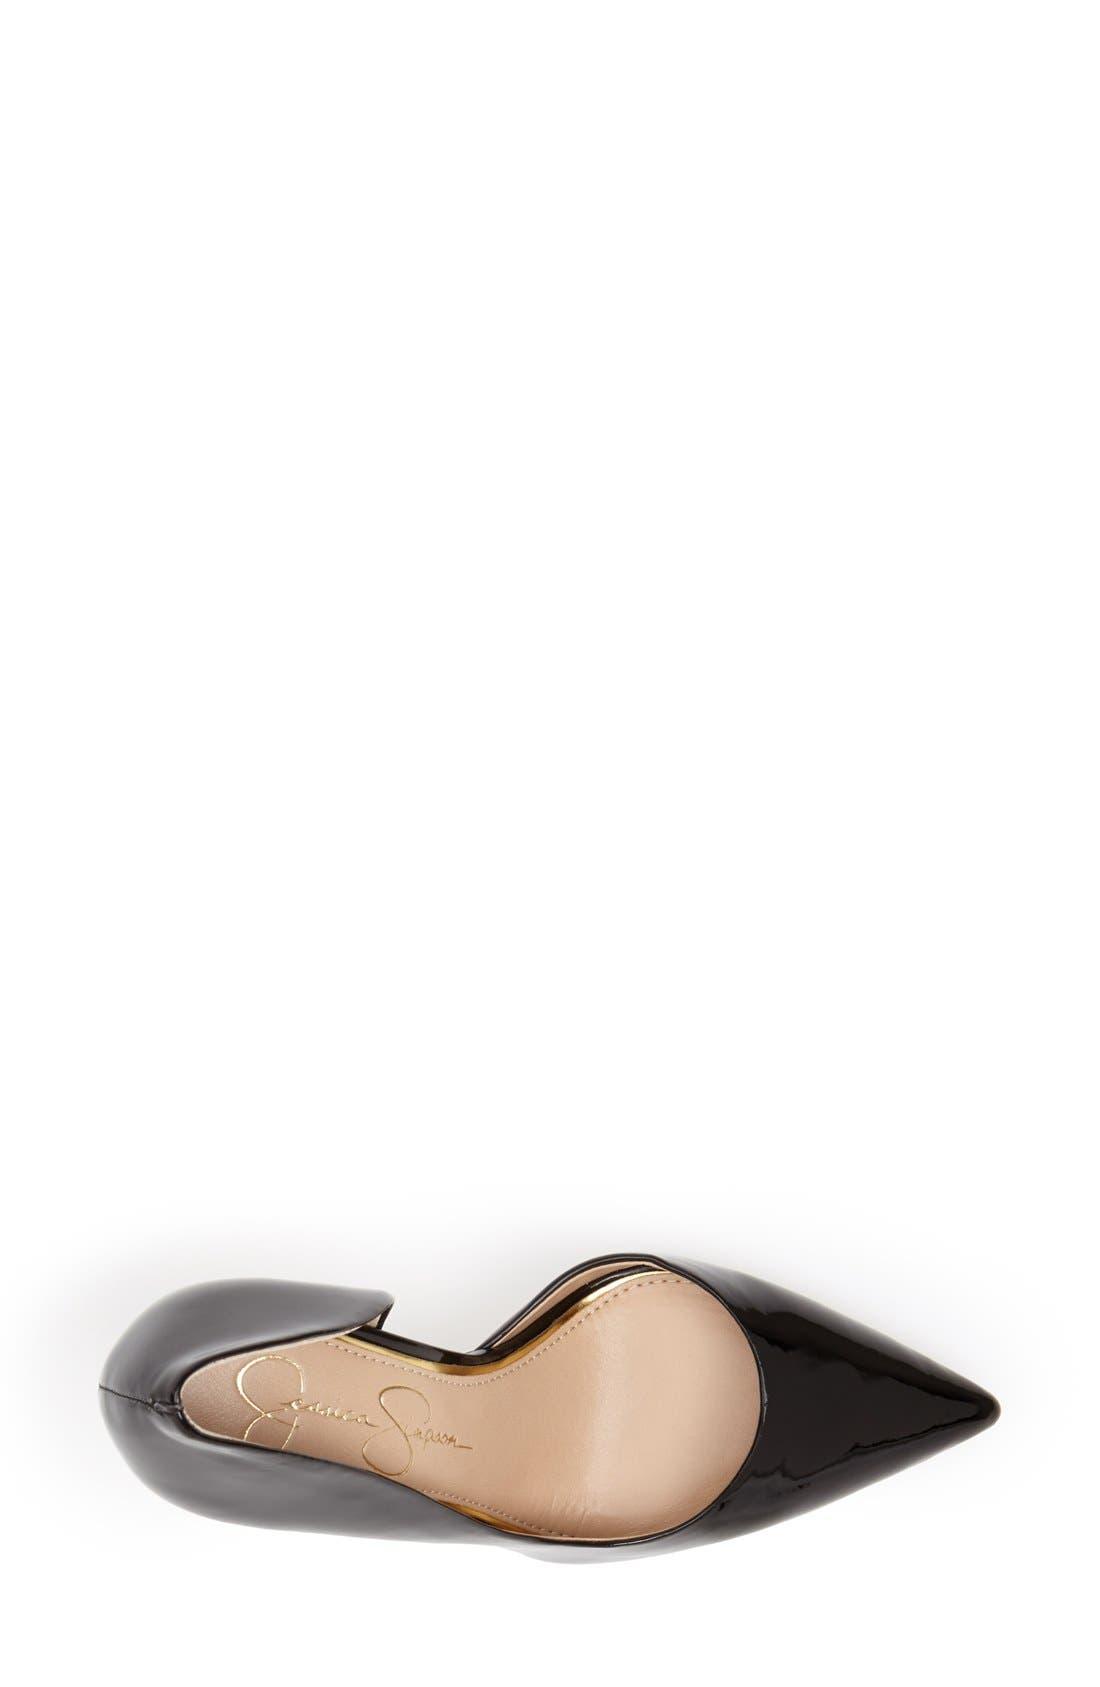 JESSICA SIMPSON, 'Claudette' Half d'Orsay Pump, Alternate thumbnail 4, color, 001